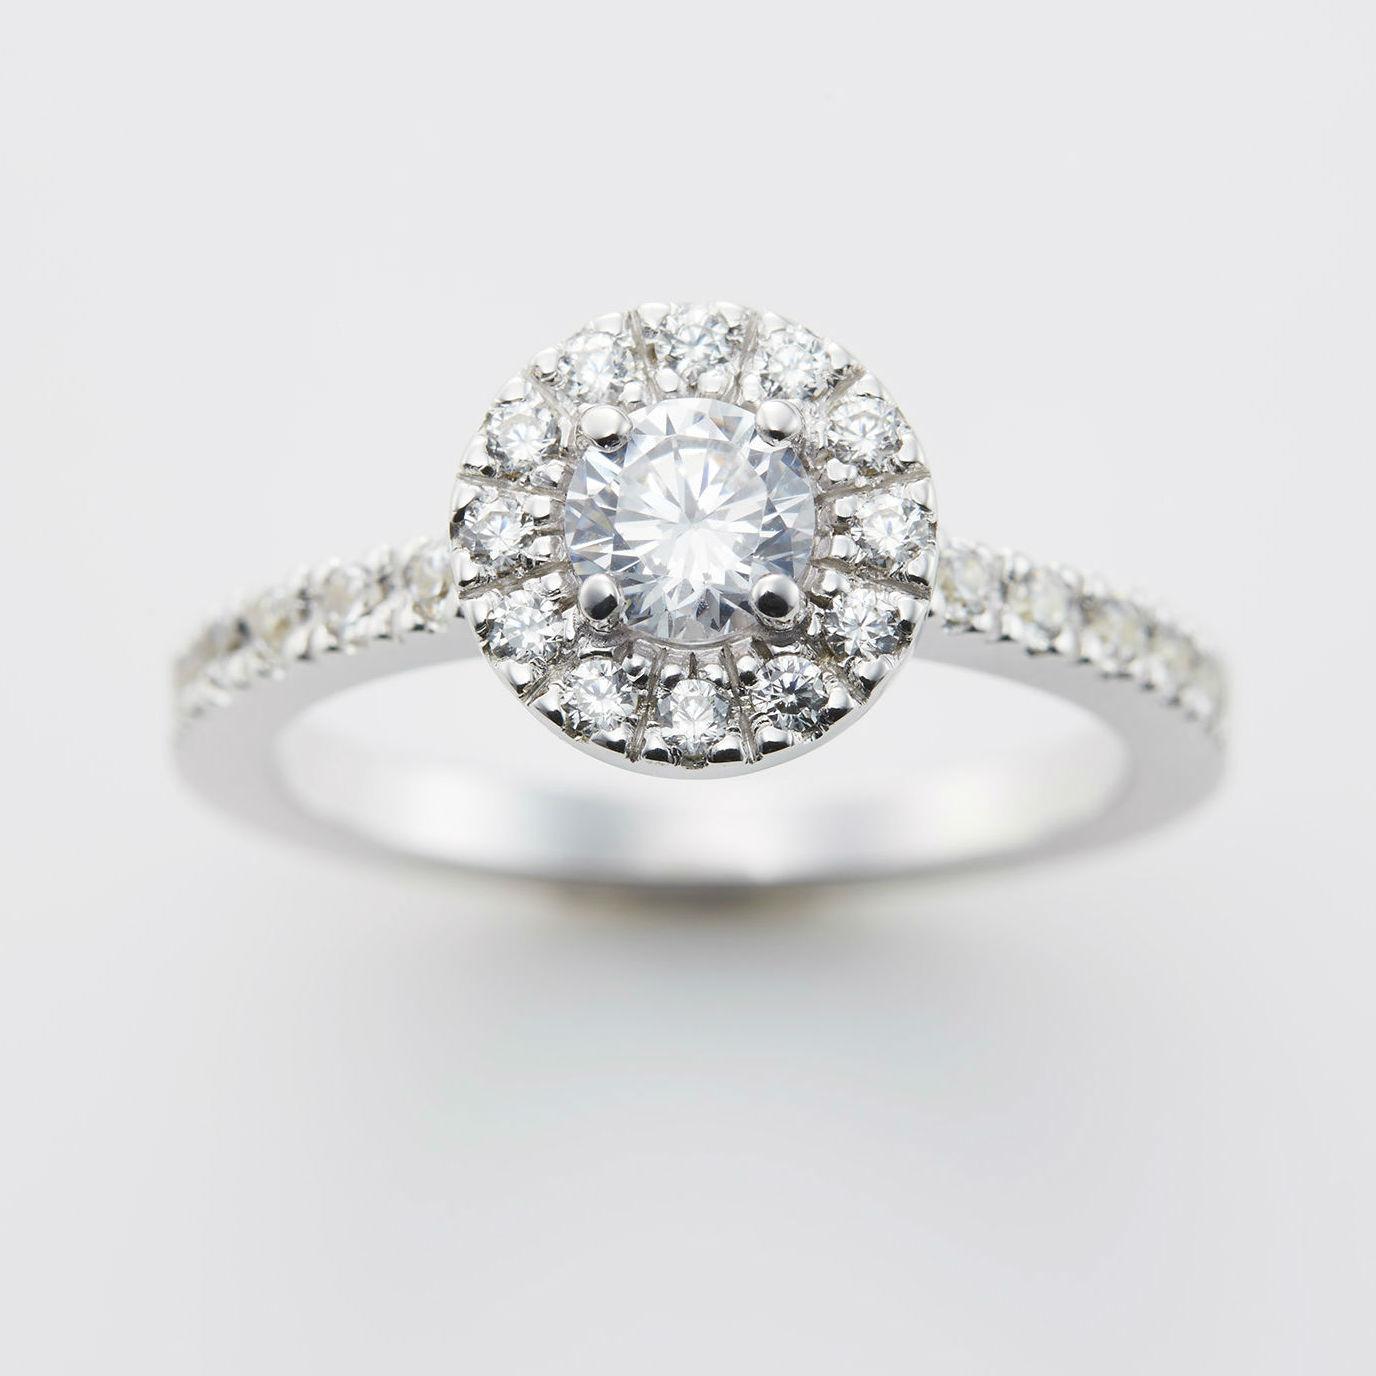 取り巻きダイヤモンドが美しい婚約指輪ブランド